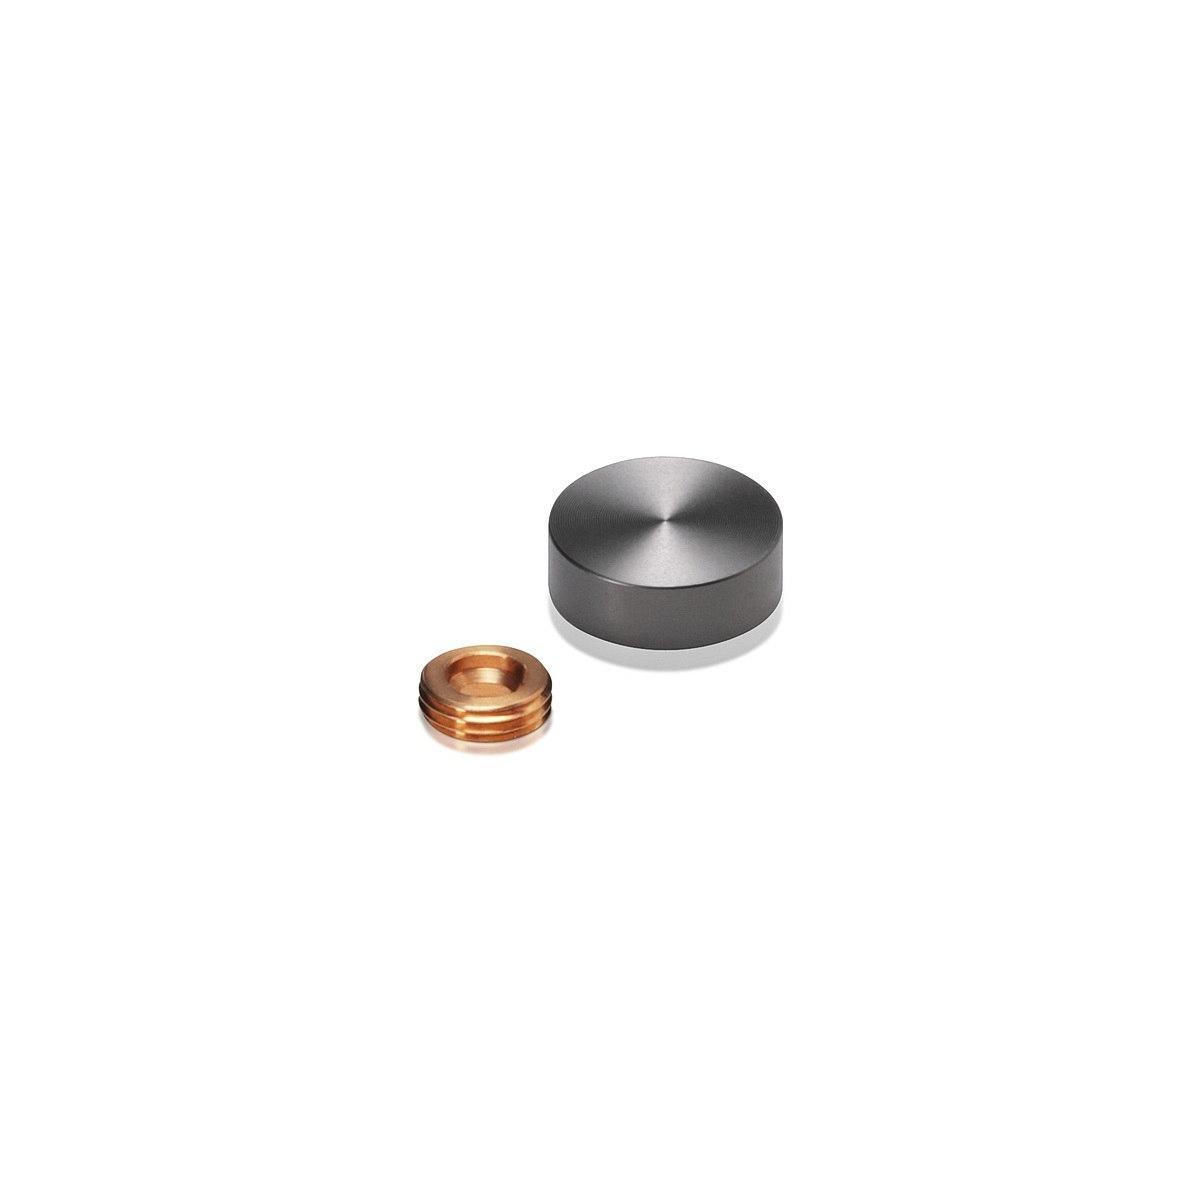 Set of 4 Screw Cover, Diameter: 11/16'', Aluminum Titanium Finish